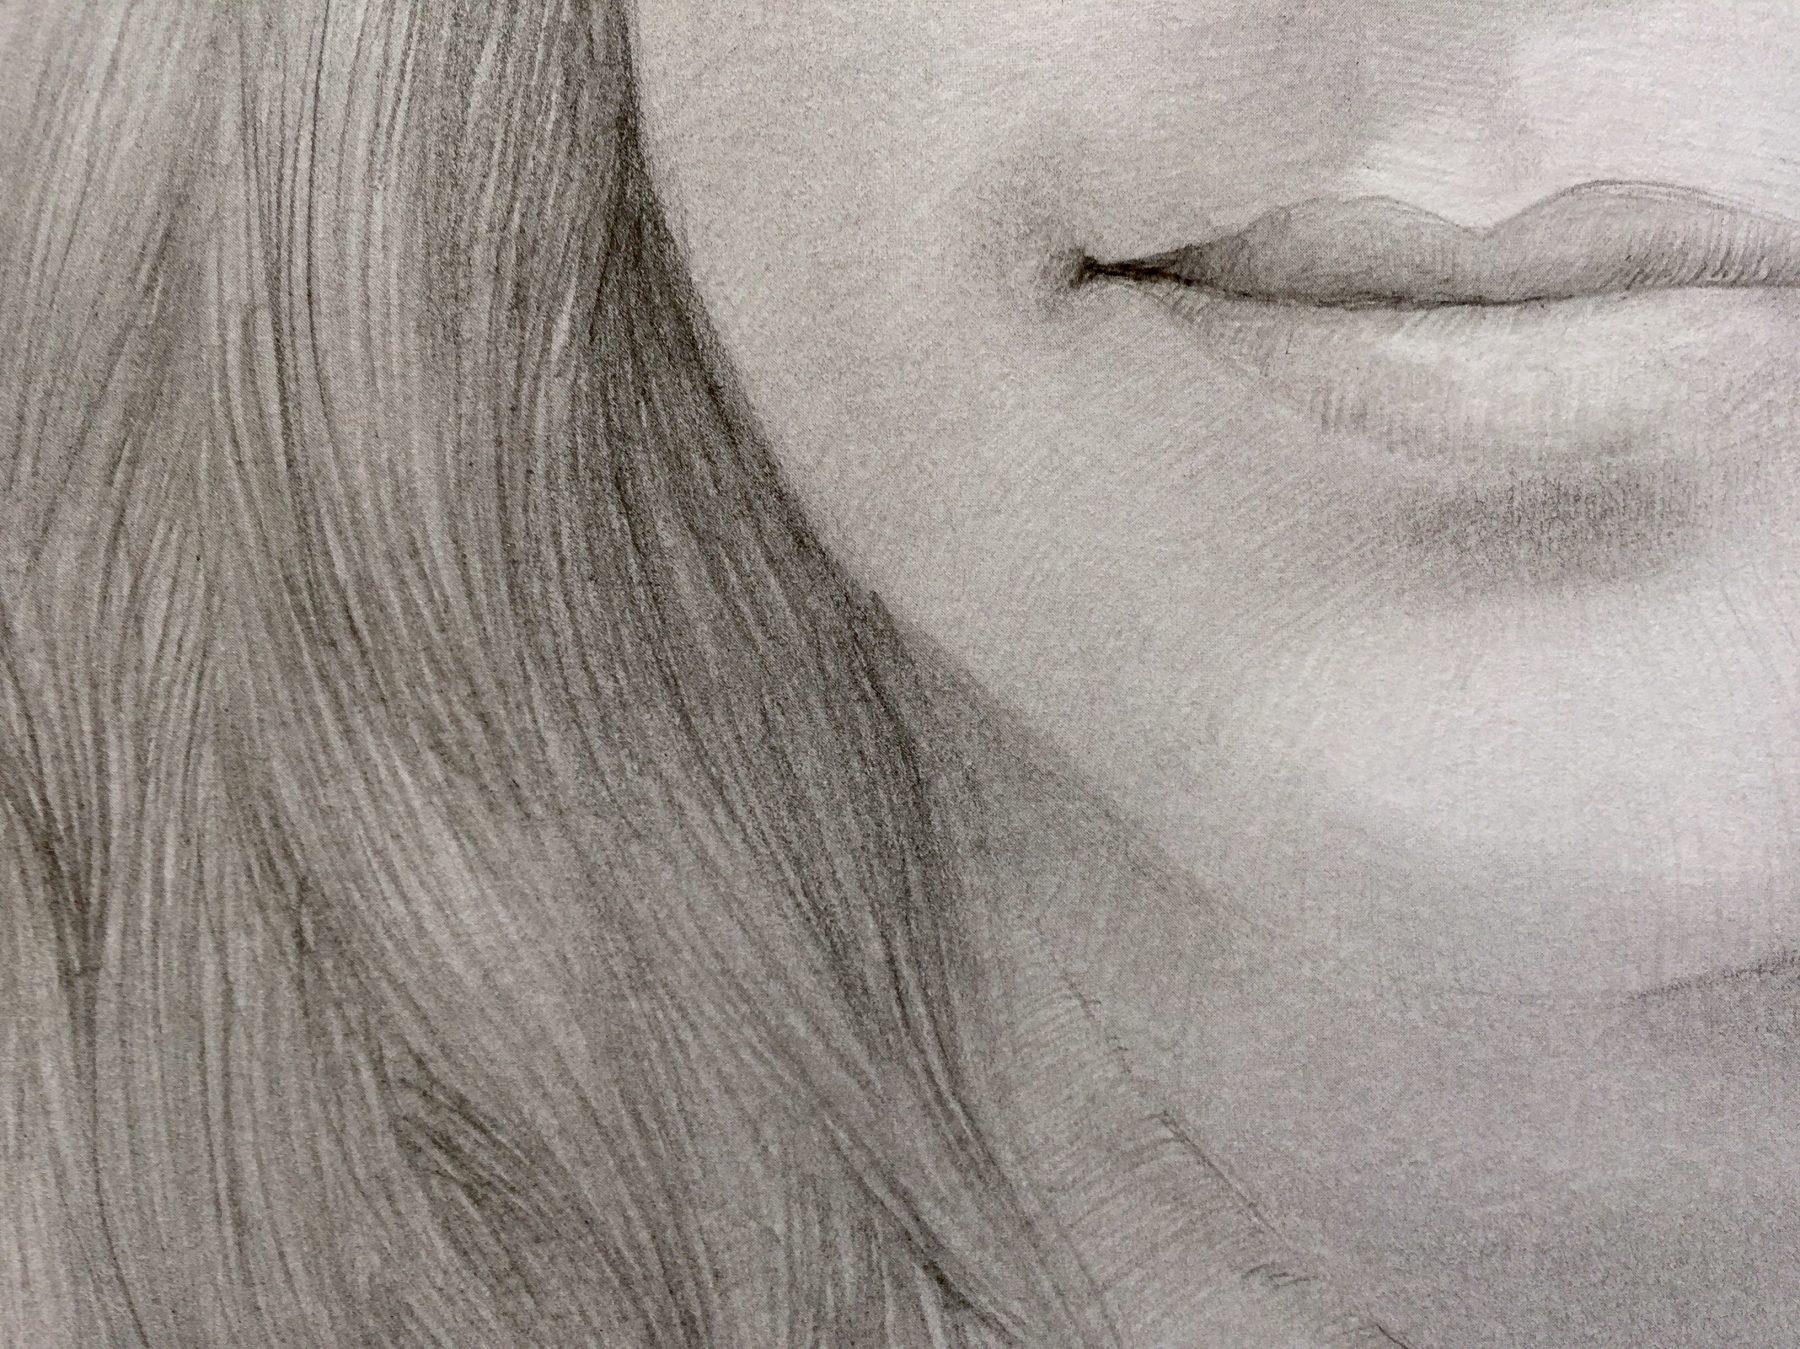 retratos-por-encargo-32-detalle-e1488878790919